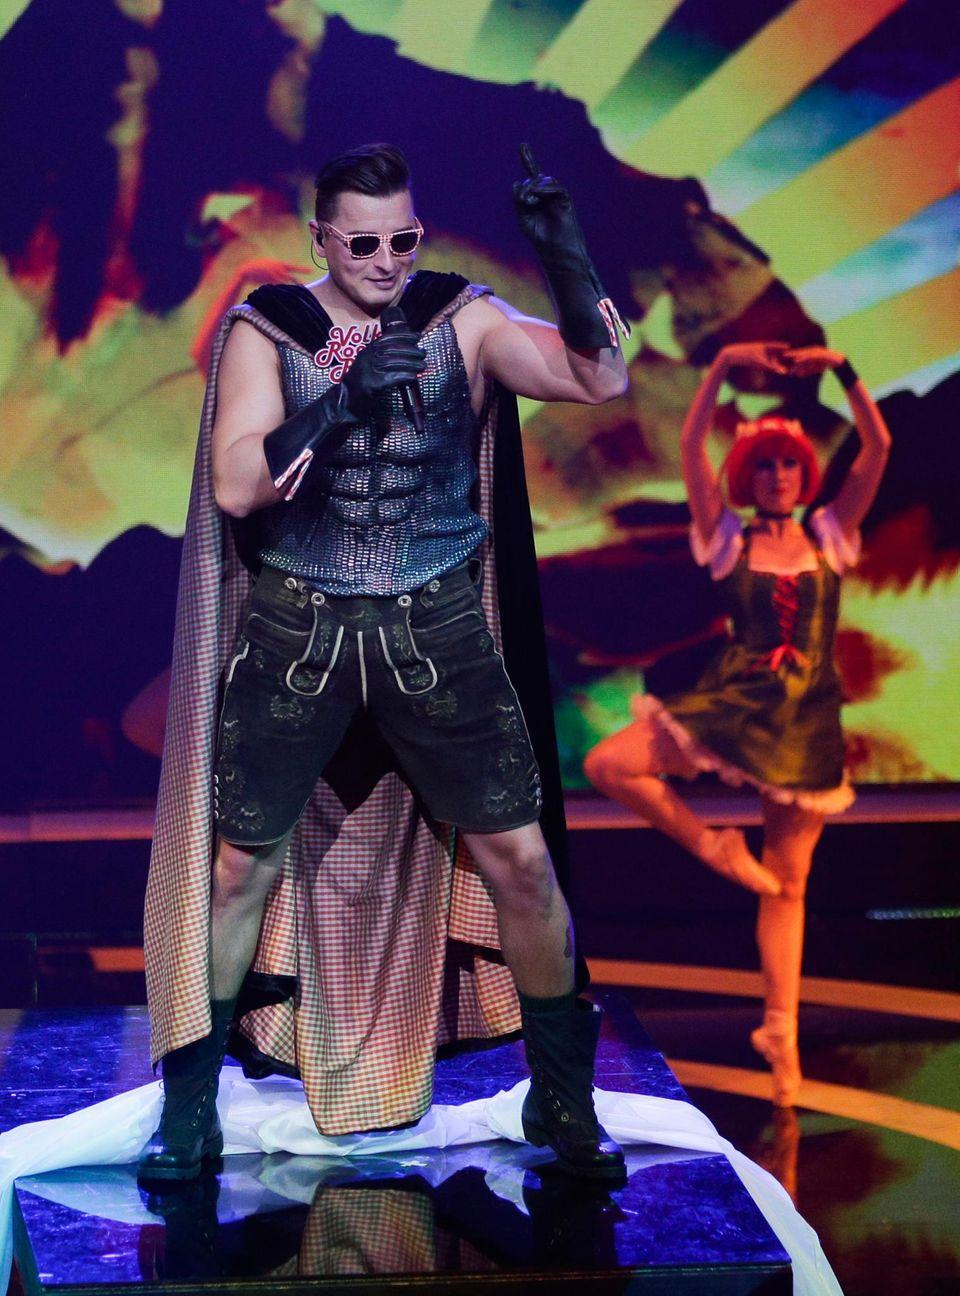 """""""Volks-Rock'n'Roller"""" Andreas Gabalier kommt als Alpensuperheld auf die Bühne. Er gewinnt außerdem in den Kategorie volkstümliche Musik mit seinem Album """"Home Sweet Home""""."""